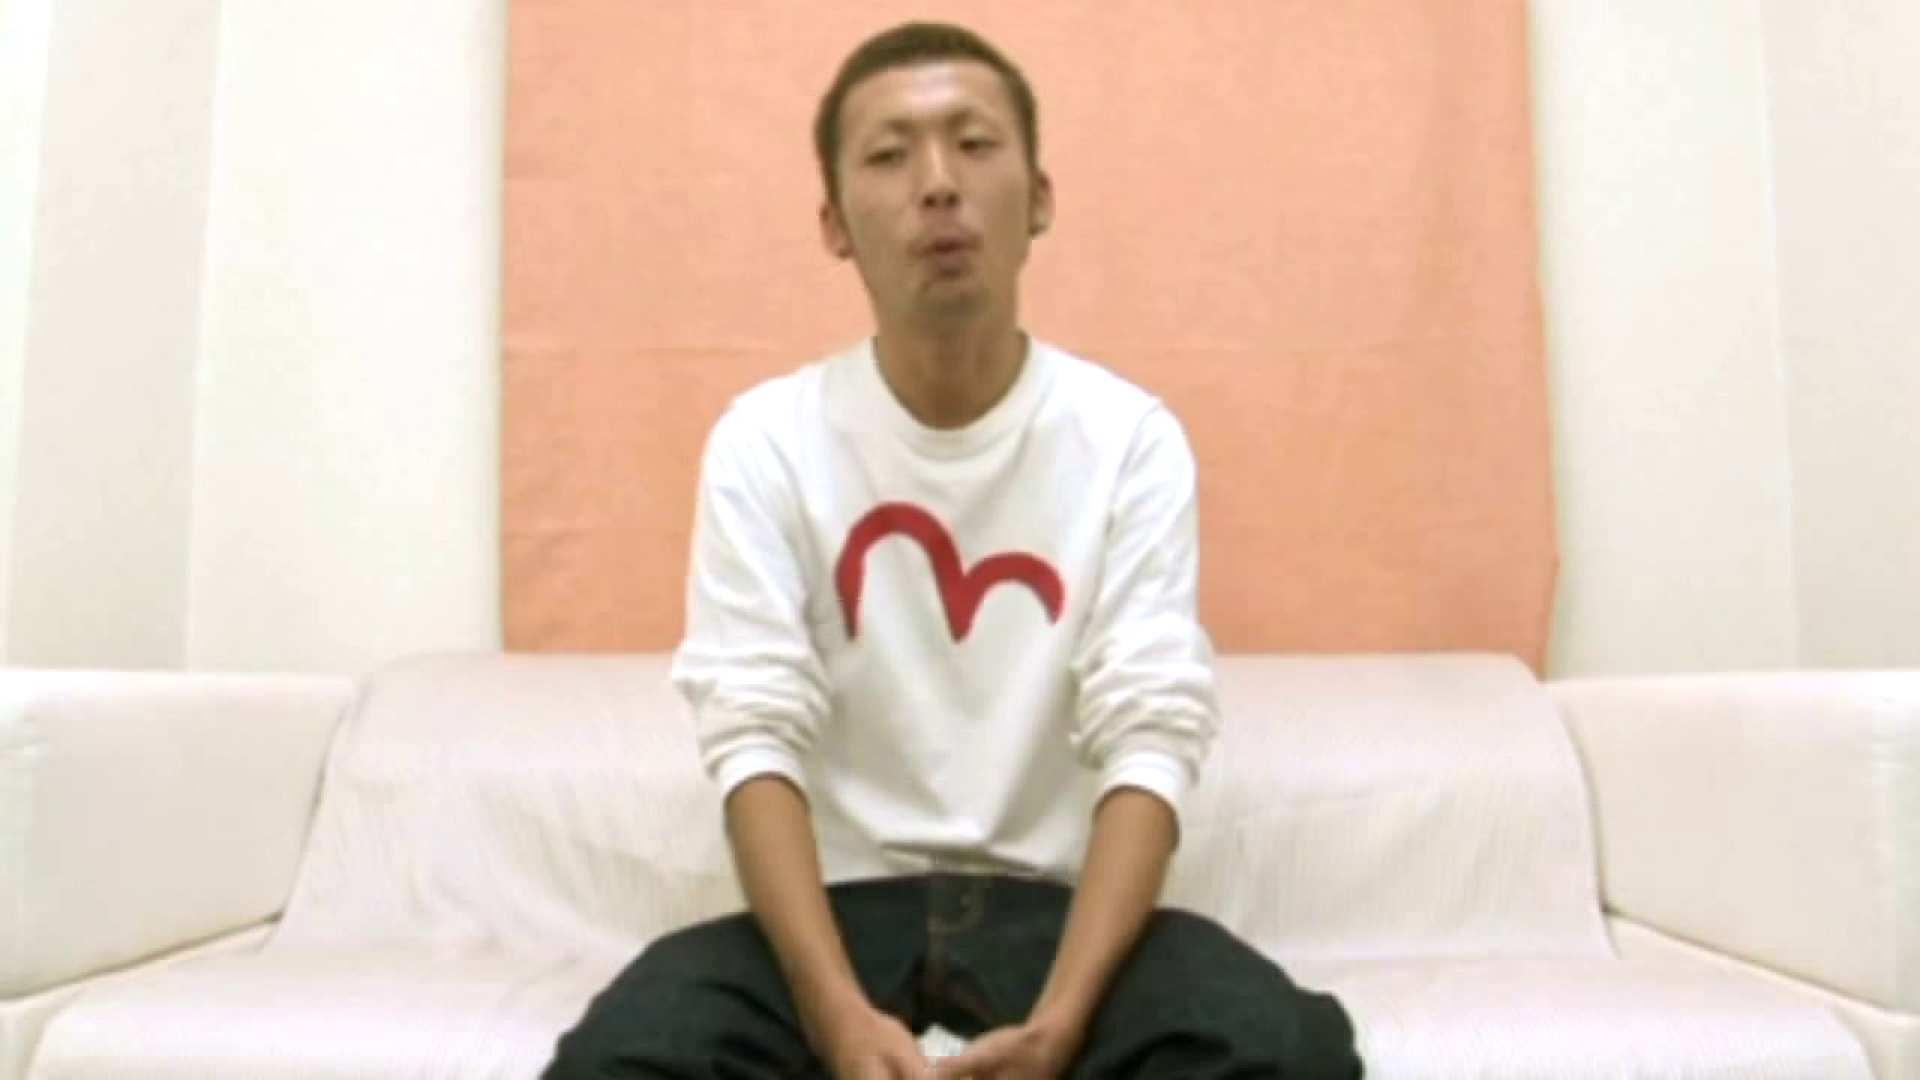 ノンケ!自慰スタジオ No.11 裸の男たち ゲイエロ画像 110枚 35